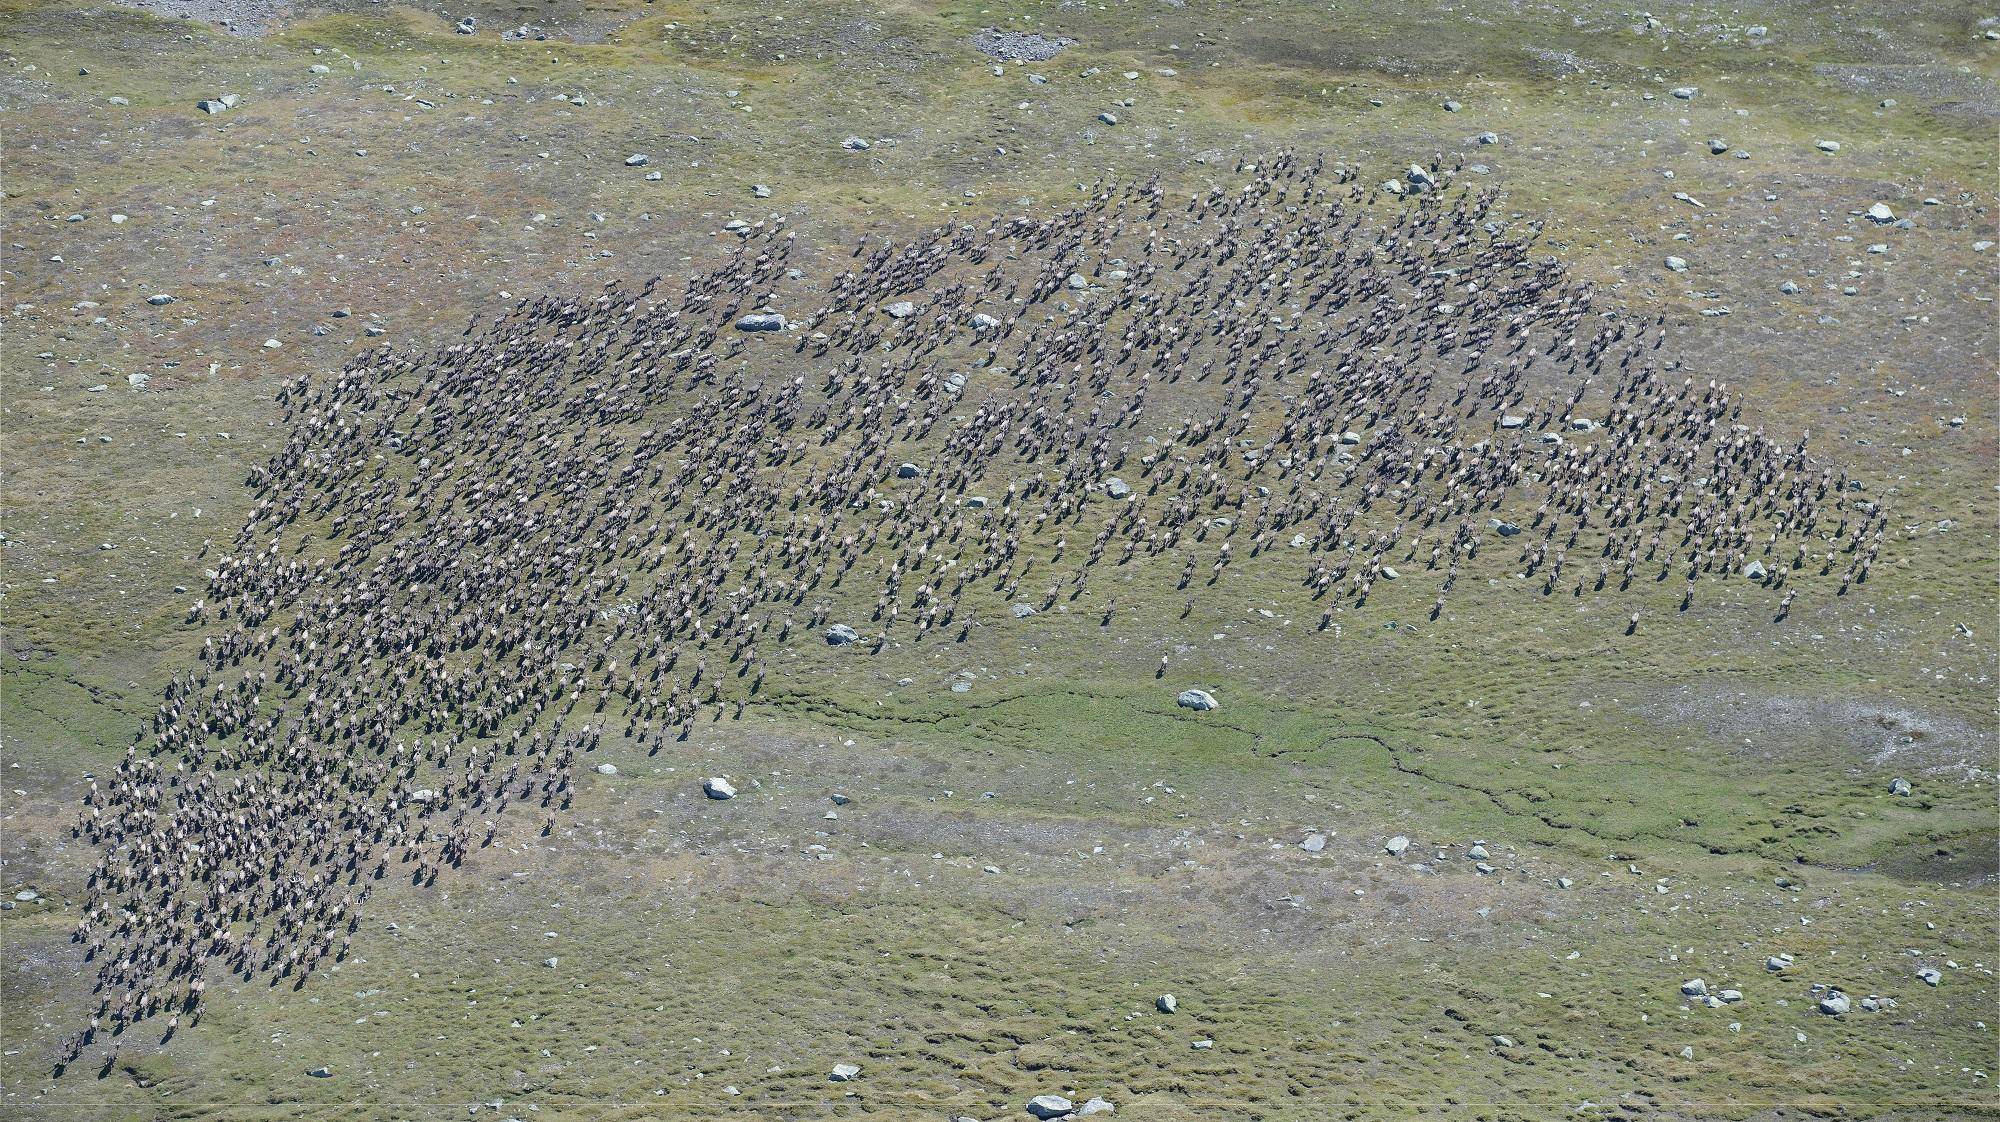 Storflokk med 2097 dyr fotografert under kalvetelling på Hardangervidda i 2017. I denne flokken var det 1239 voksne bukker. Illustrasjonsfoto: Olav Strand